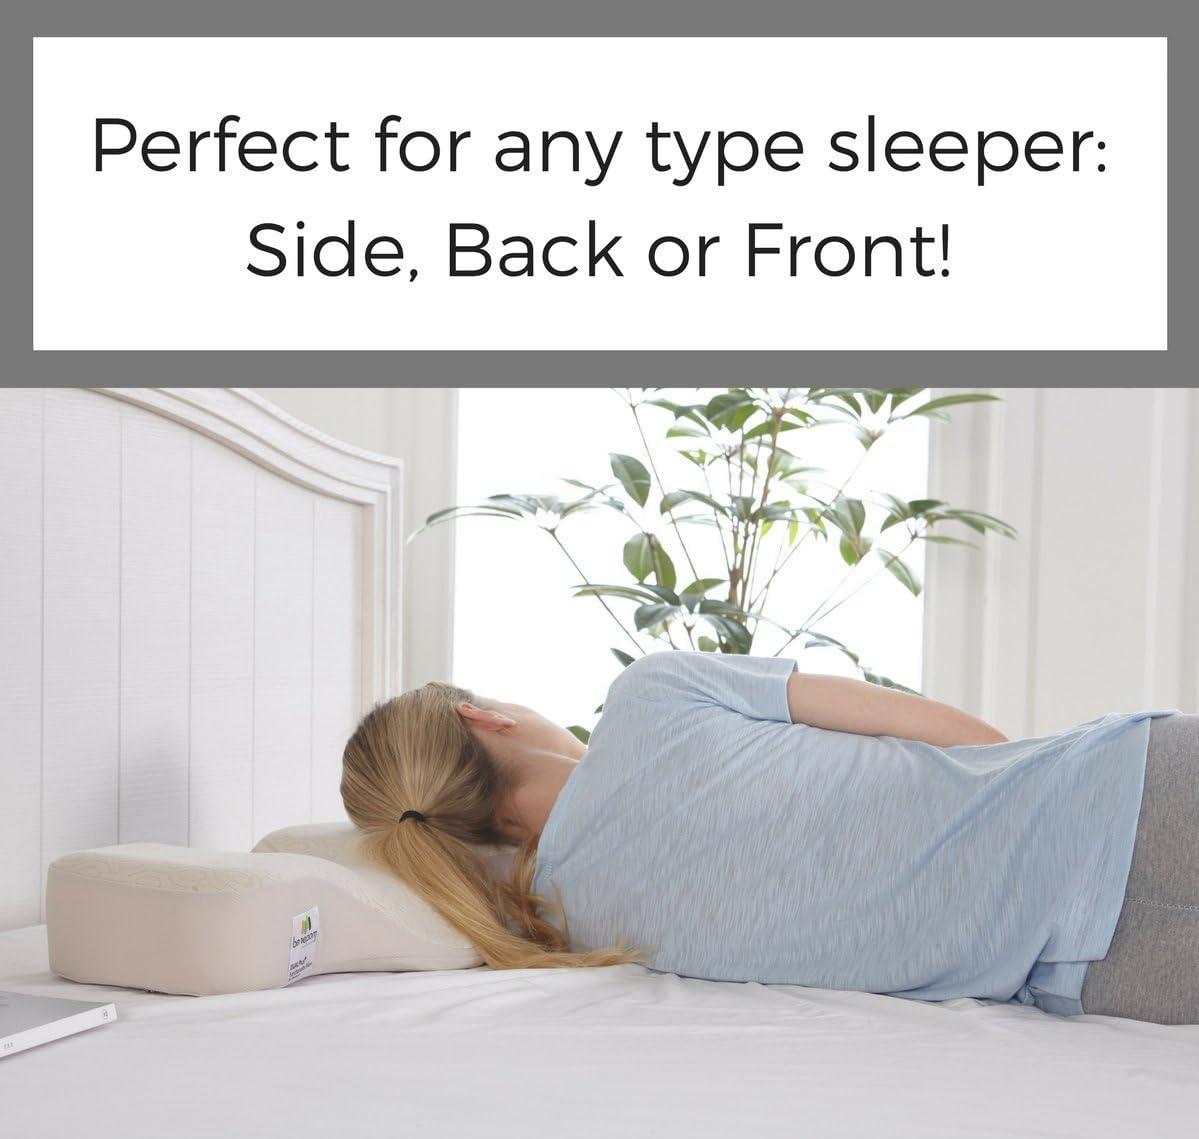 benepom Dual Plus Ergonomic Pillow